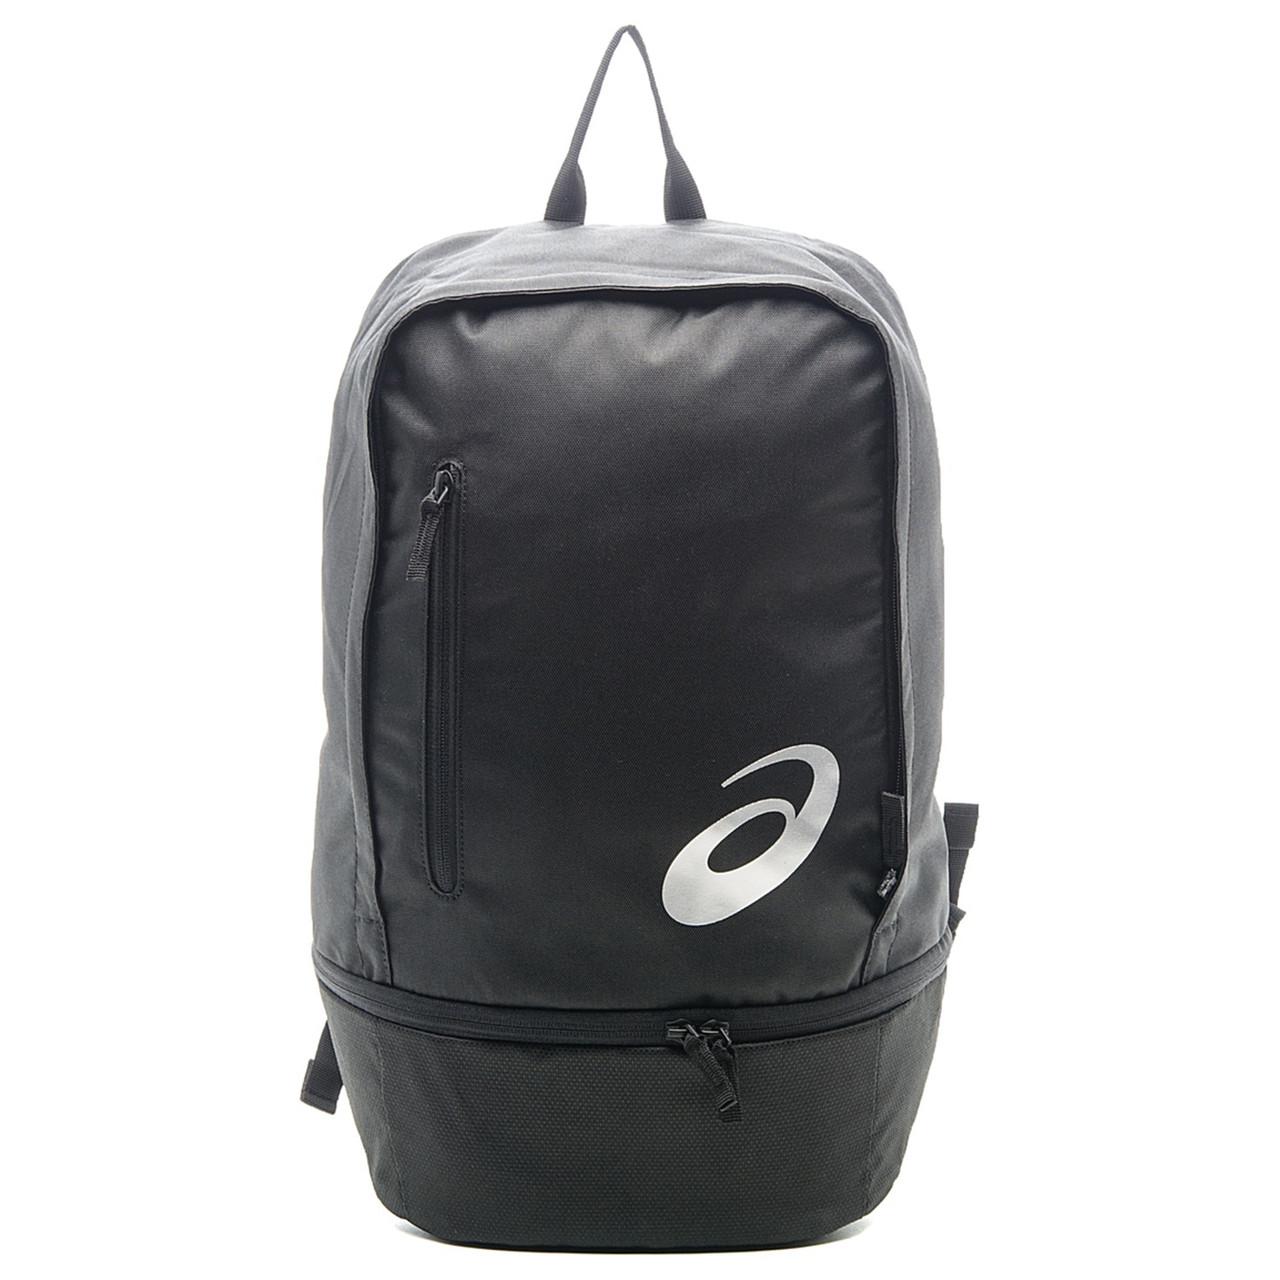 c411d57fc4 Рюкзак Asics Tr Core Backpack 132077 0904